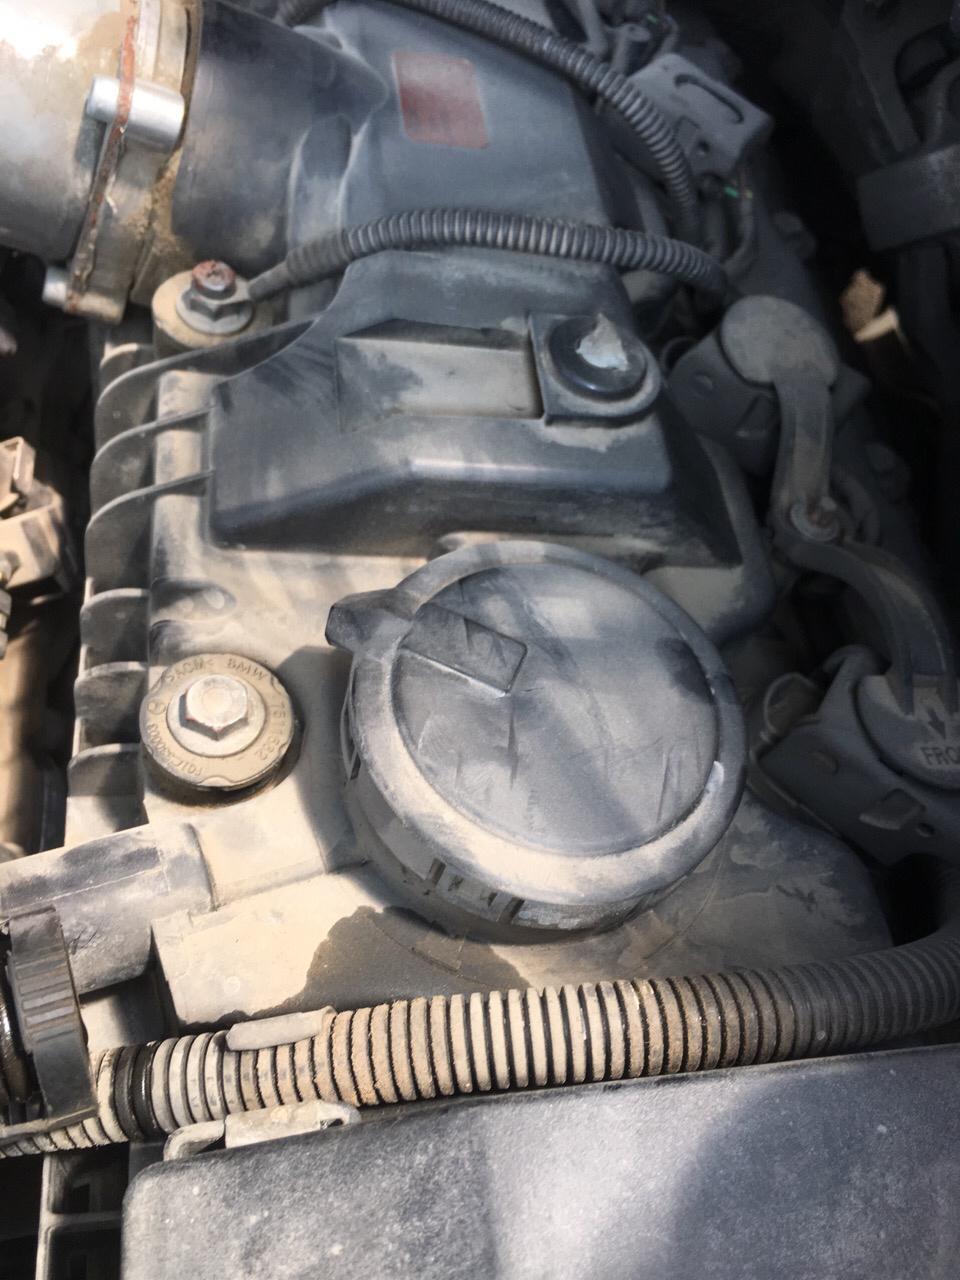 宝马x5,e53,4.8is,06款,曲轴箱通风阀的位置在什么地方,怎么拆换?图片